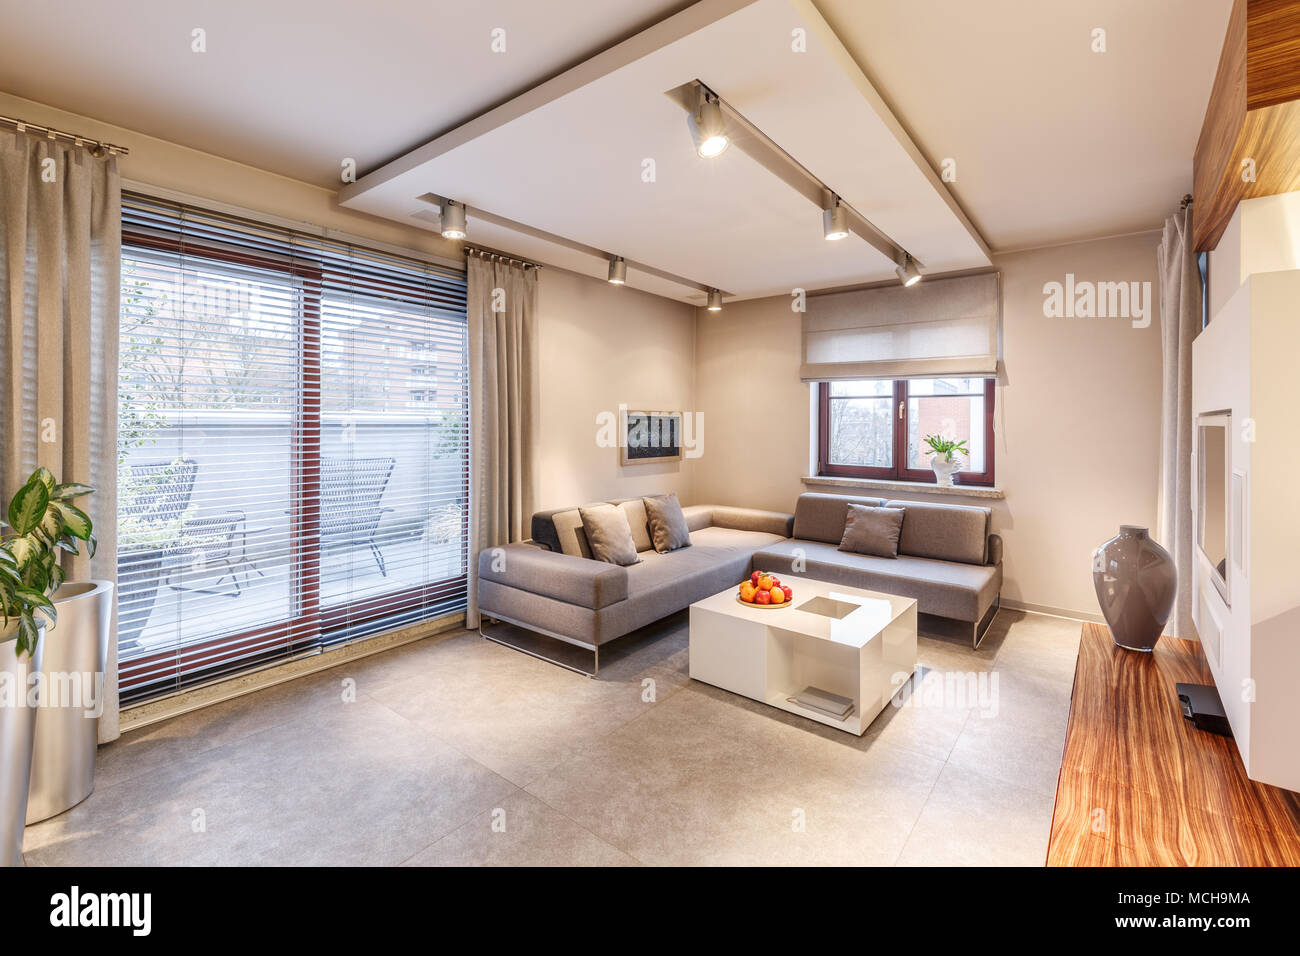 Geräumige, Braun Wohnzimmer Mit Sofa, Tisch, Beleuchtung, Große Schiebetür  Balkon Fenster Und Vorhänge